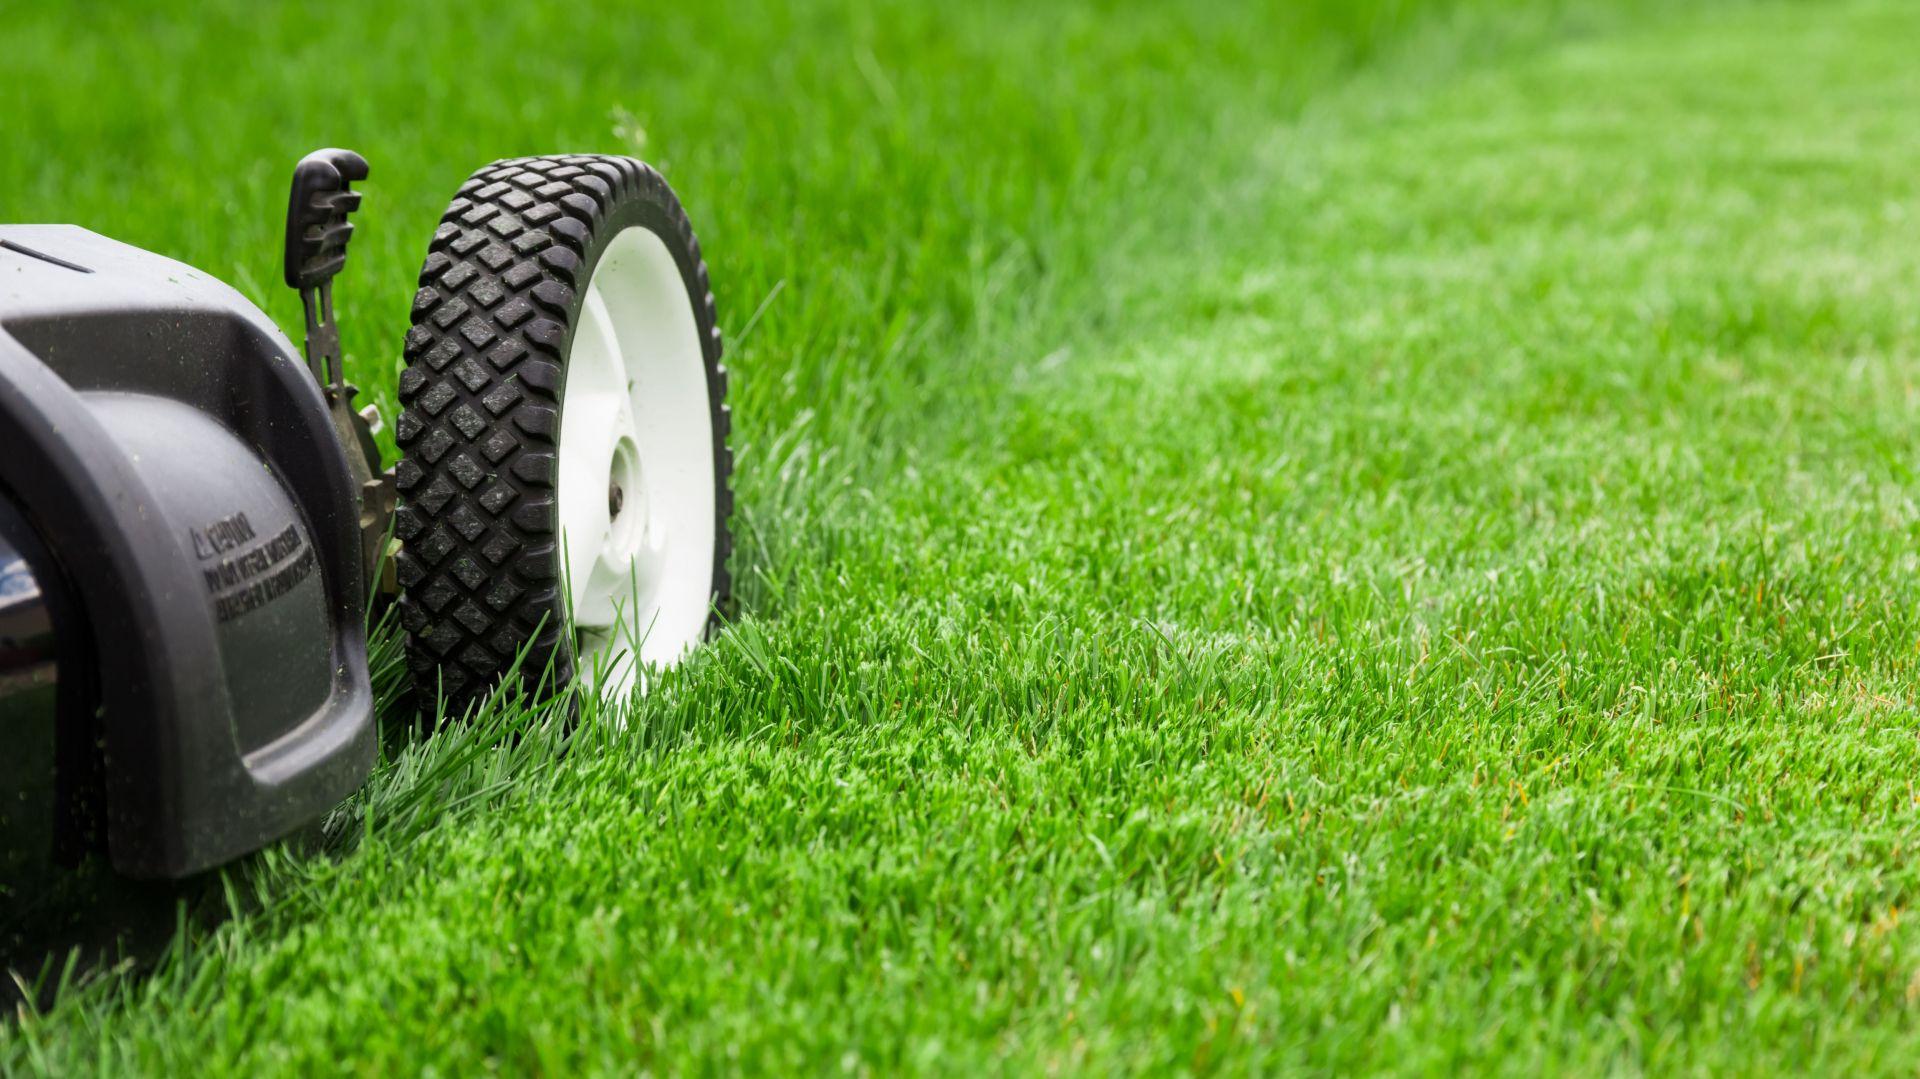 Ogród w symbiozie z naturą – jak dbać o trawnik, by nie naruszać ekosystemu gleby. Fot. Krysiak